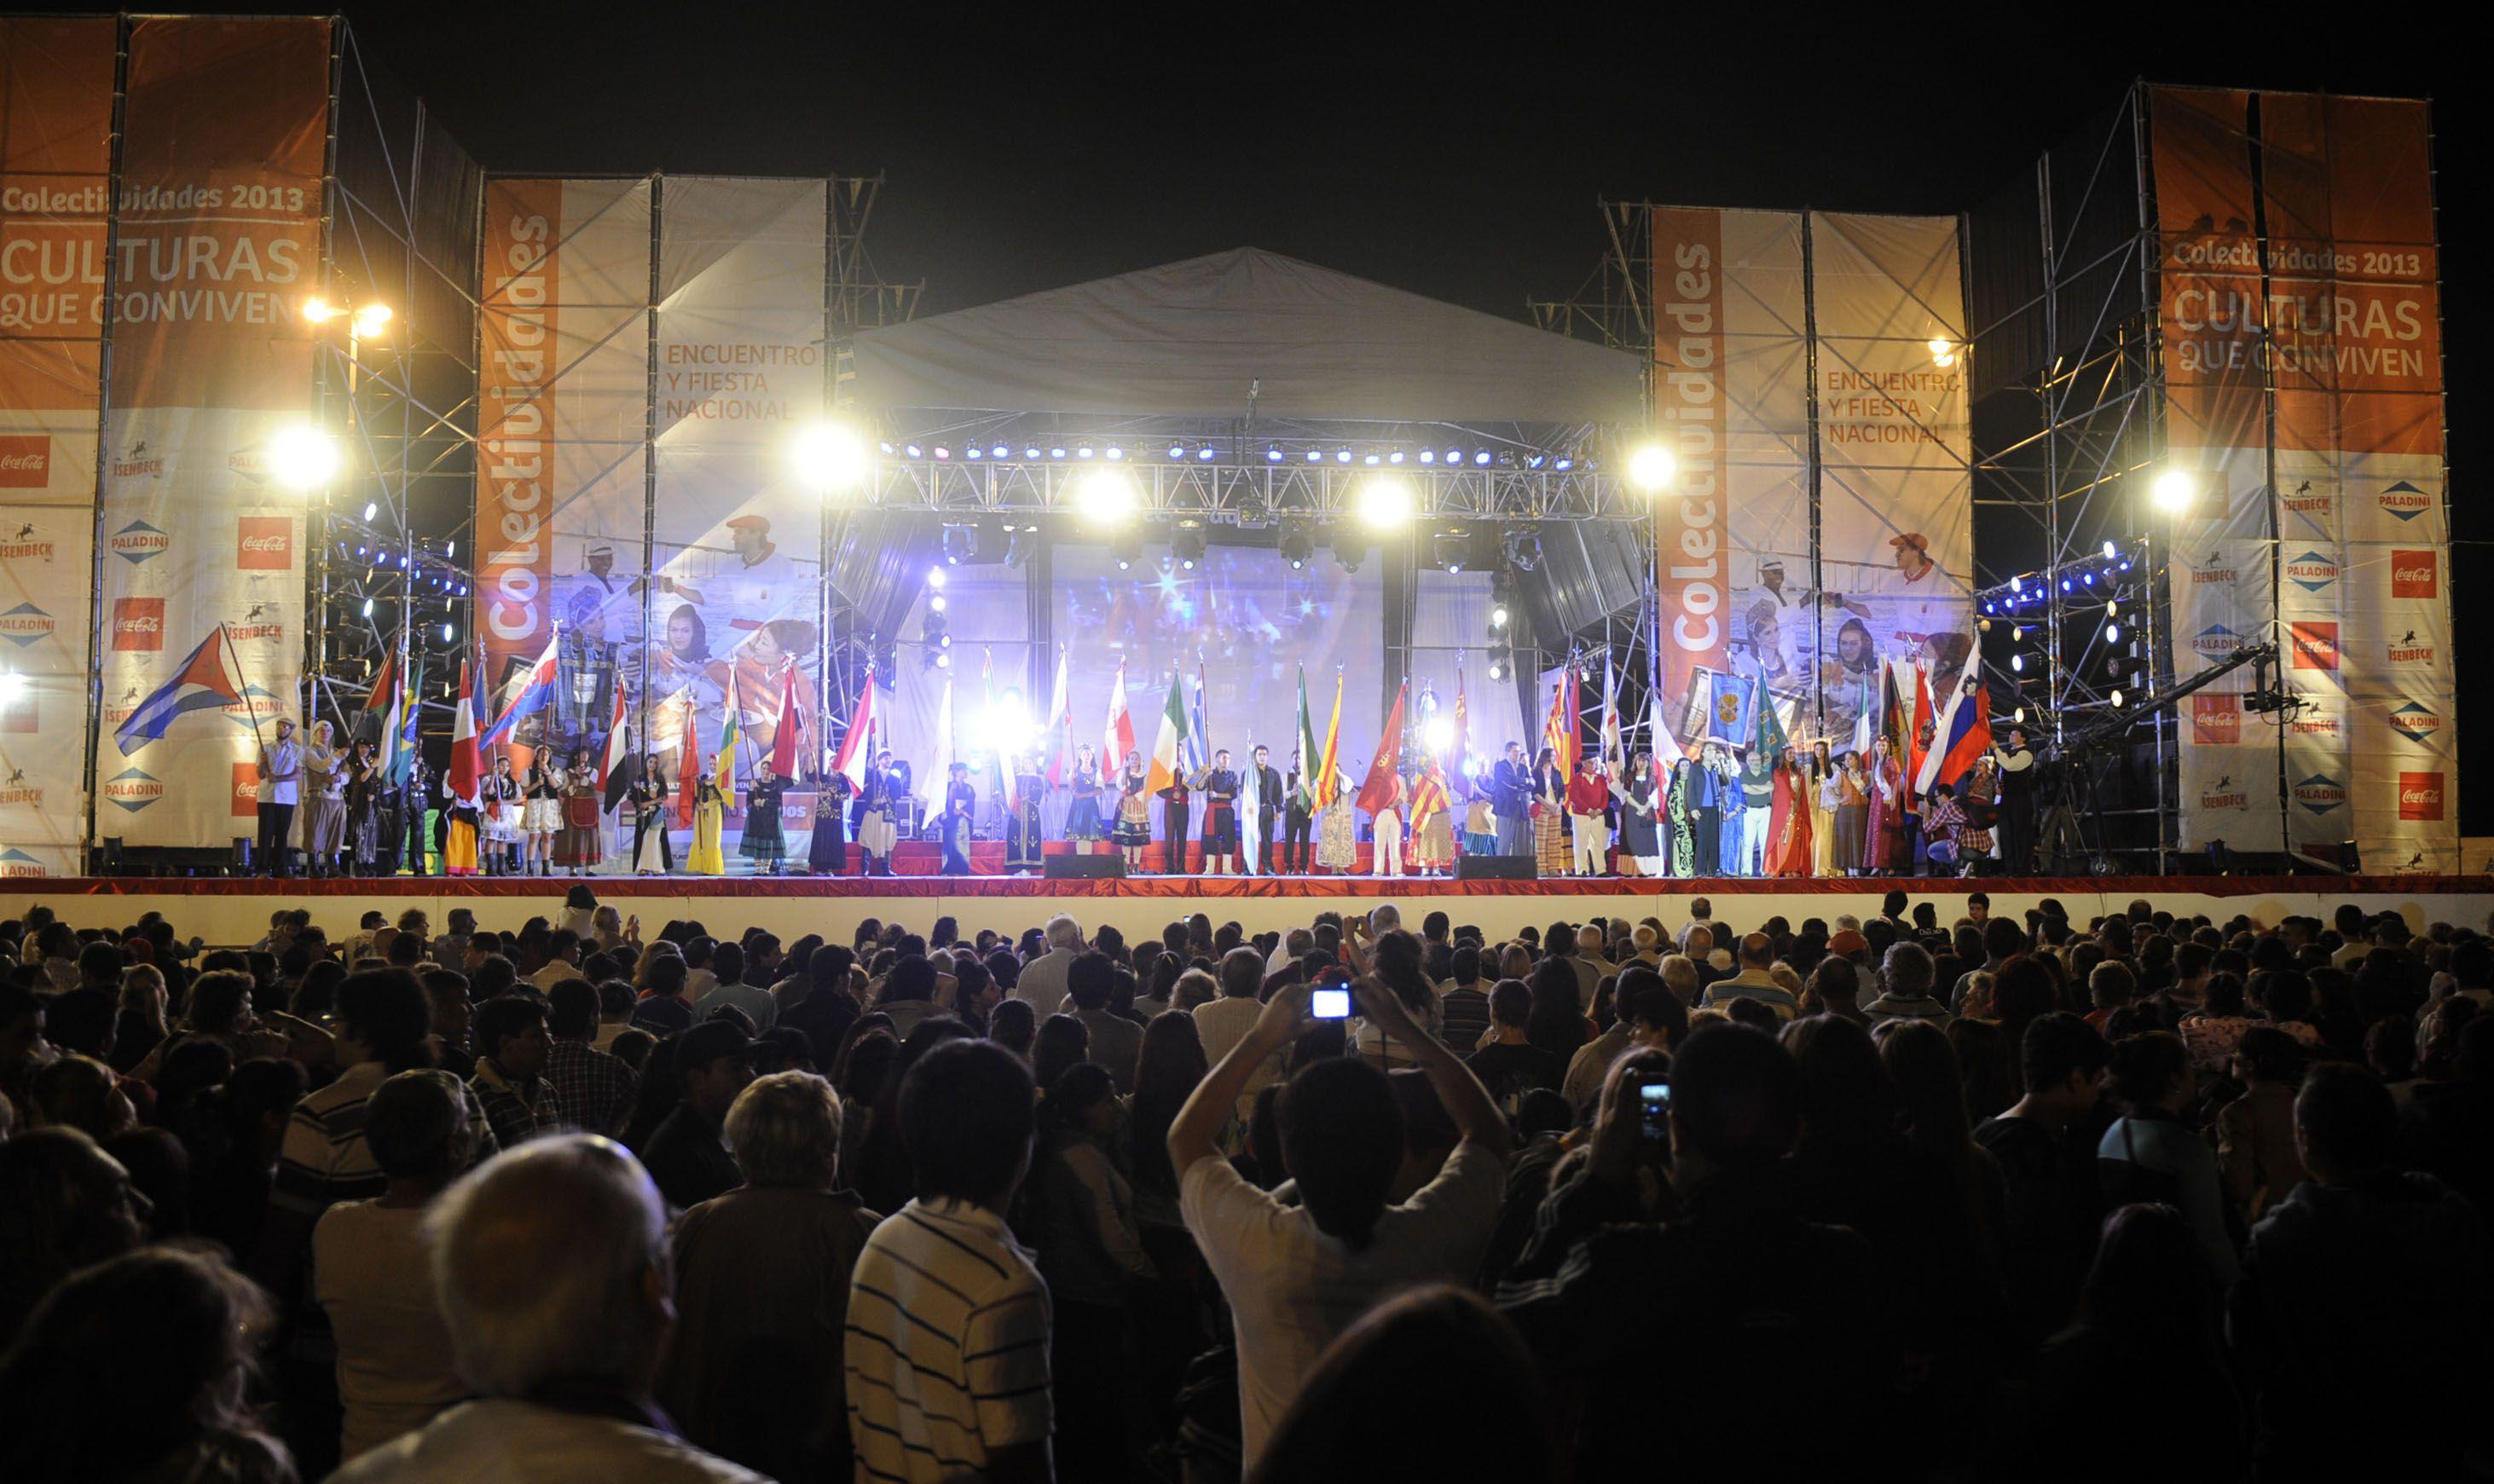 La fiesta más importante de la ciudad se inaugurará el 7 de noviembre.